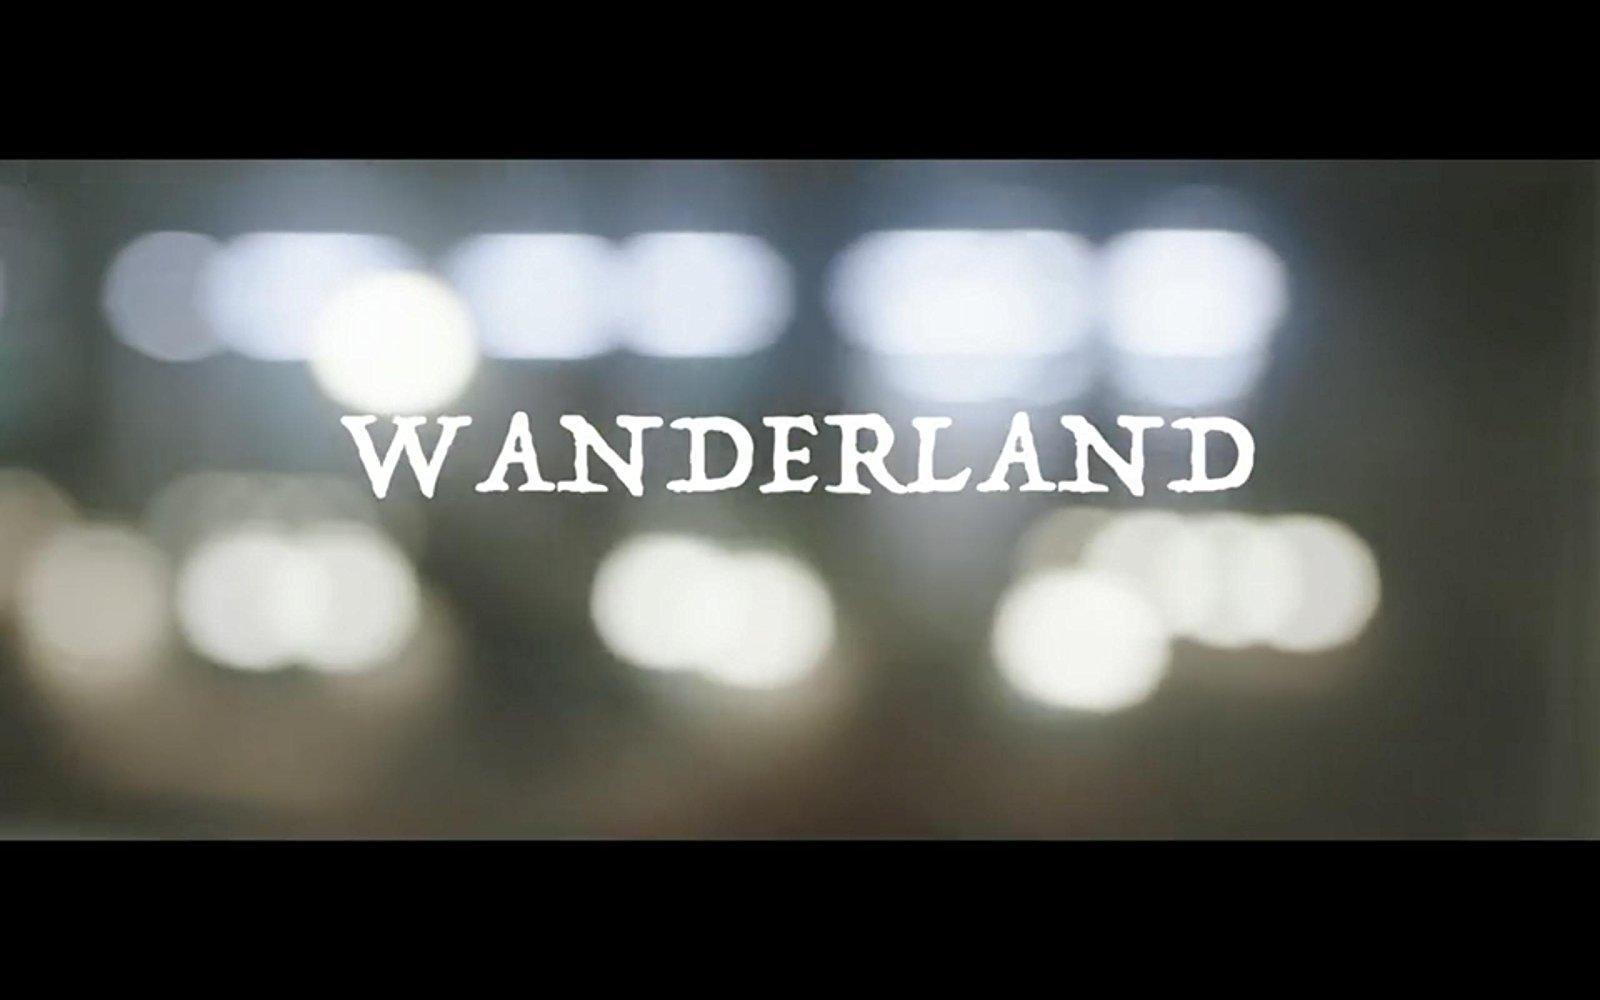 مشاهدة فيلم Wanderland 2017 HD مترجم كامل اون لاين